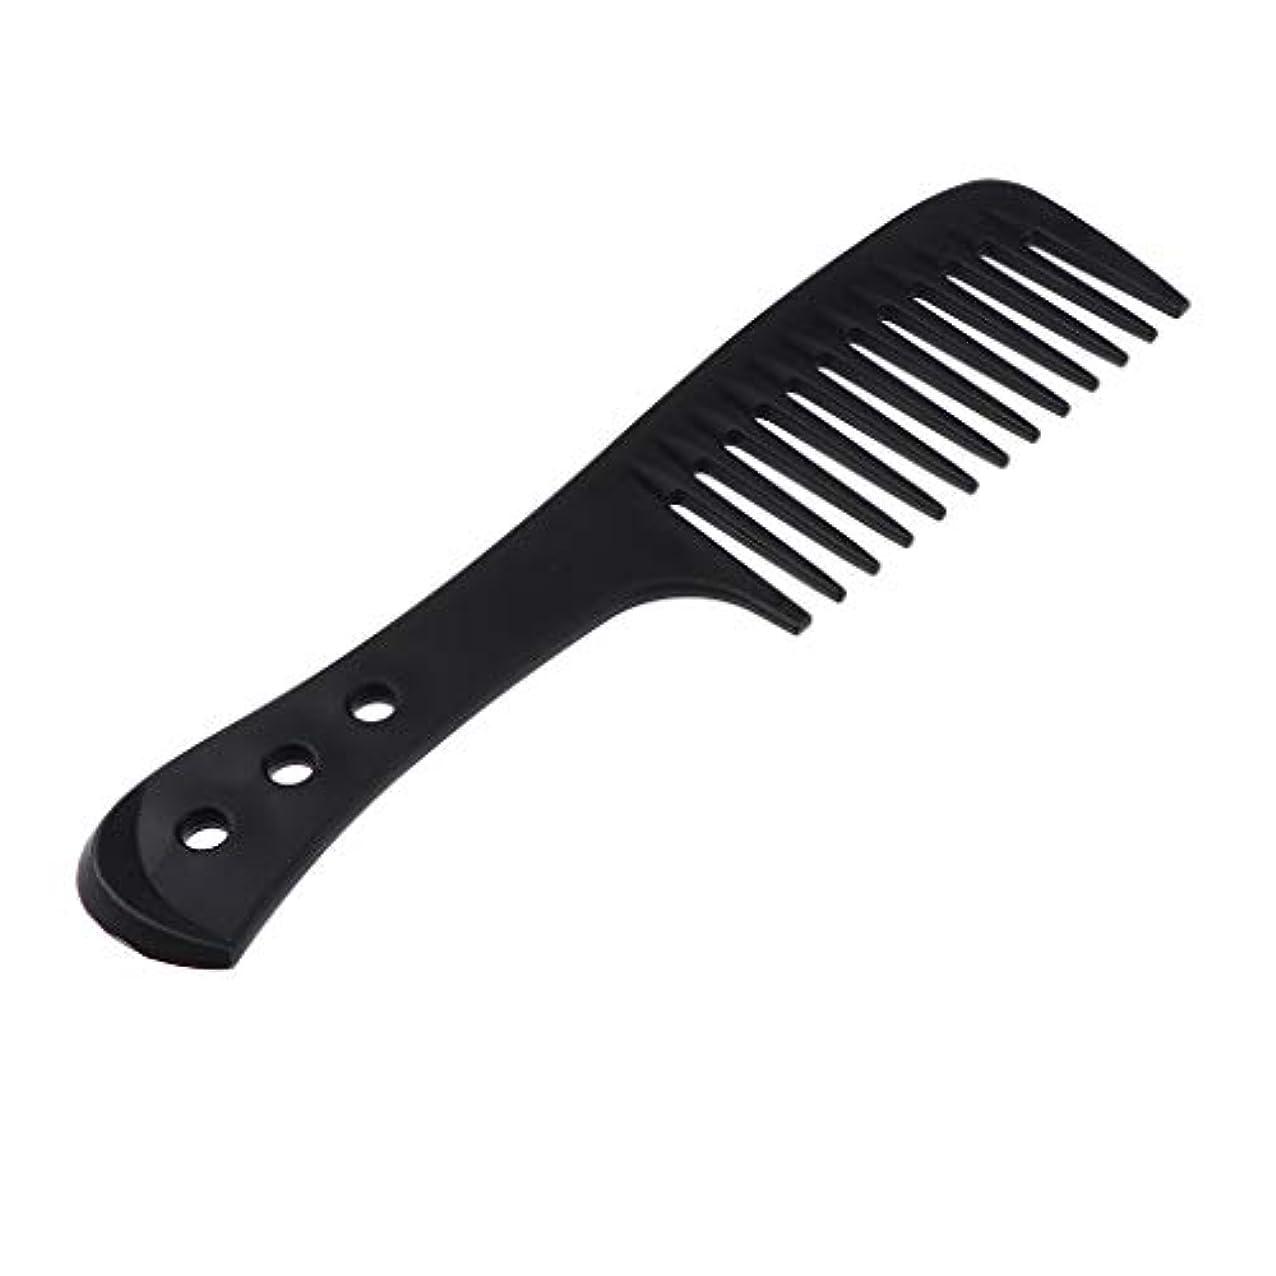 ブーム珍しい胃ワイド歯ブラシ 美容整形 美容整形髪ブラシ 全4色 - ブラック